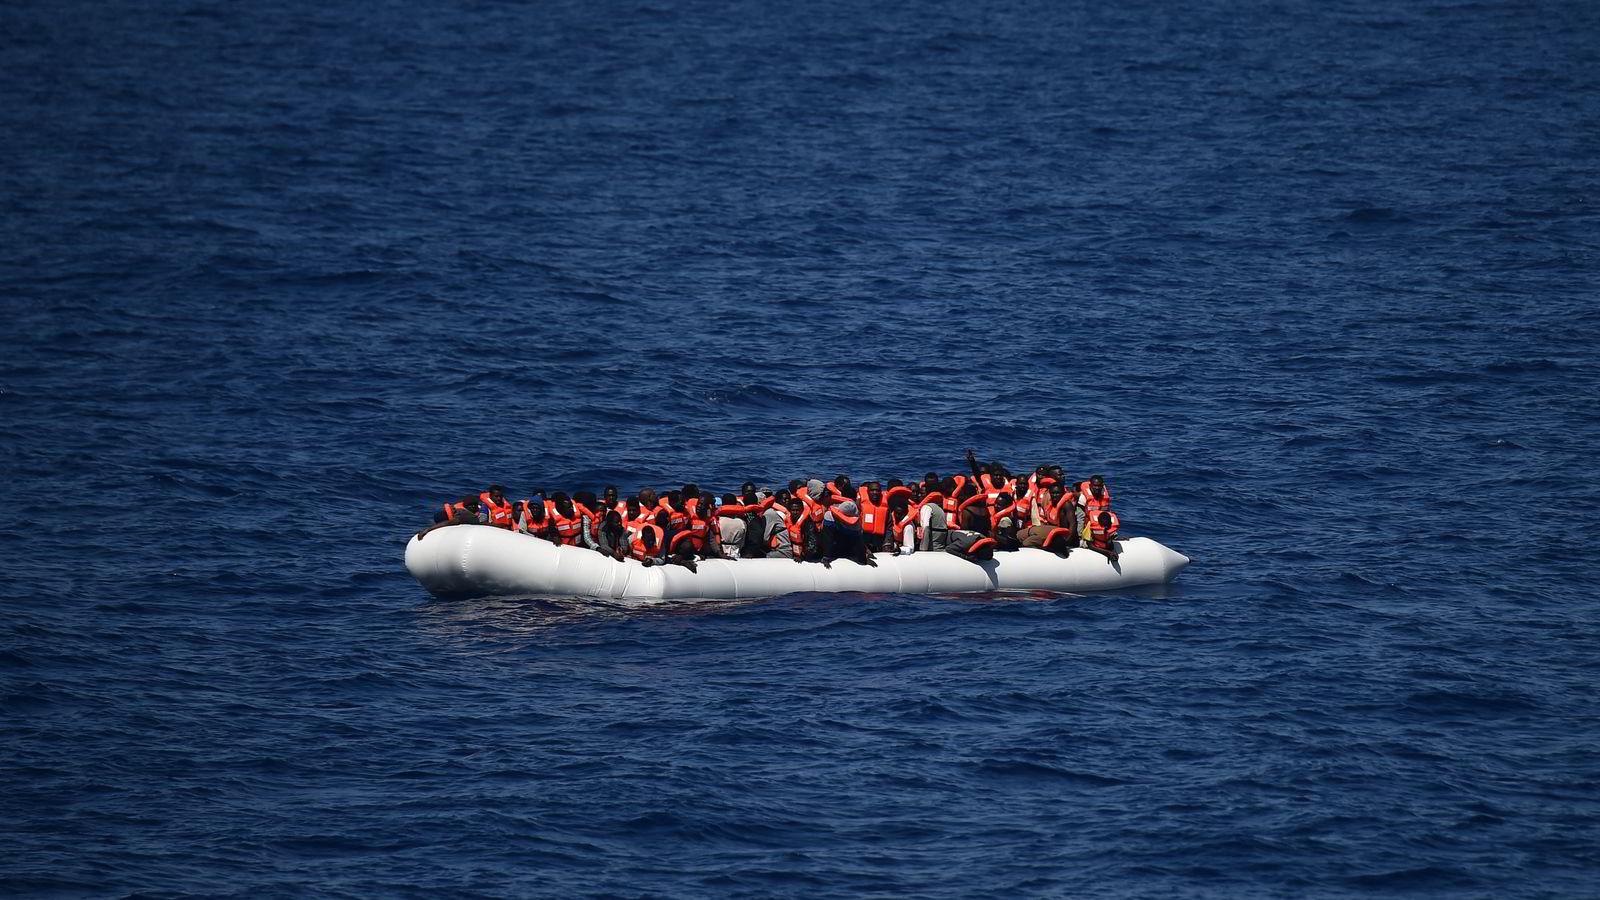 Avbildet er en båt med flyktninger som venter på å bli reddet utenfor den libyske kysten i Middelhavet. Stadig flere reiser til Europa uten mulighet for asyl, som europeiske myndigheter frykter vil føre til mer kriminalitet og sosial dumping. Foto: AFP PHOTO / GABRIEL BOUYS / NTB Scanpix